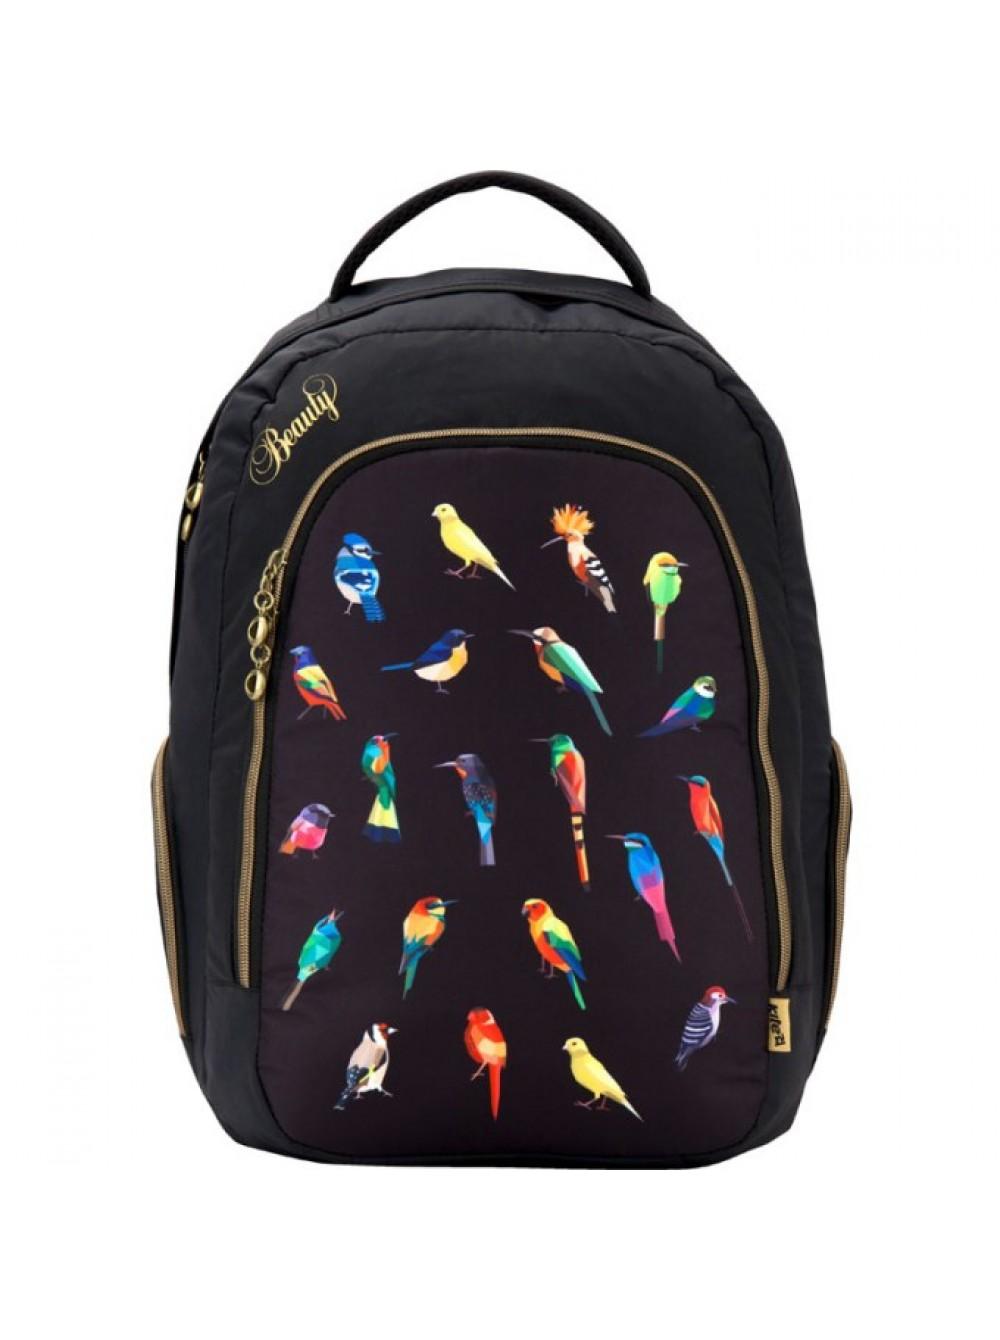 Рюкзак с птичками 951 BeautyШкольные рюкзаки<br>Рюкзак с птичками 951 Beauty<br>